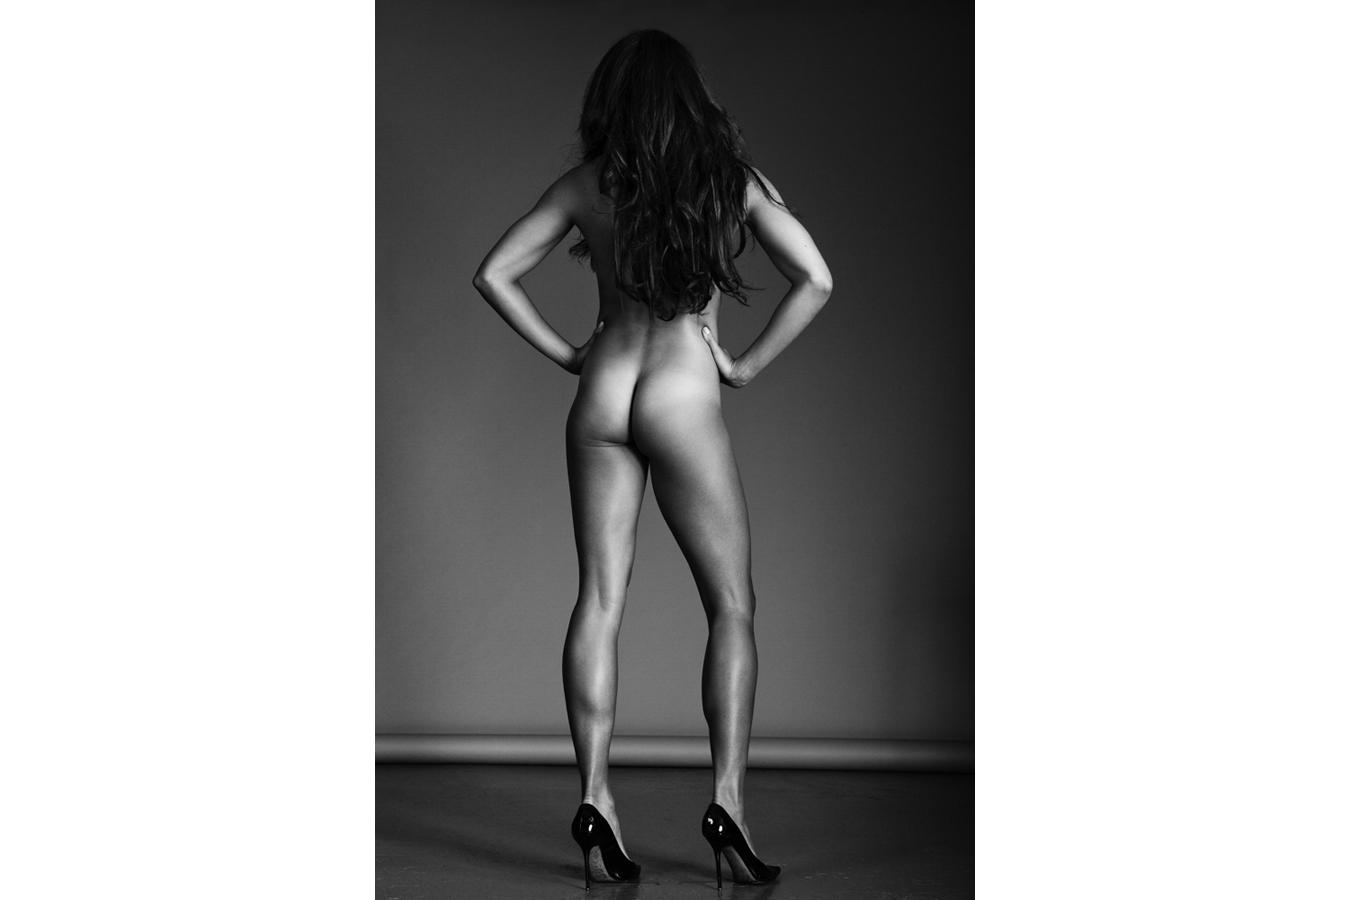 kimberly wyatt nude pussy